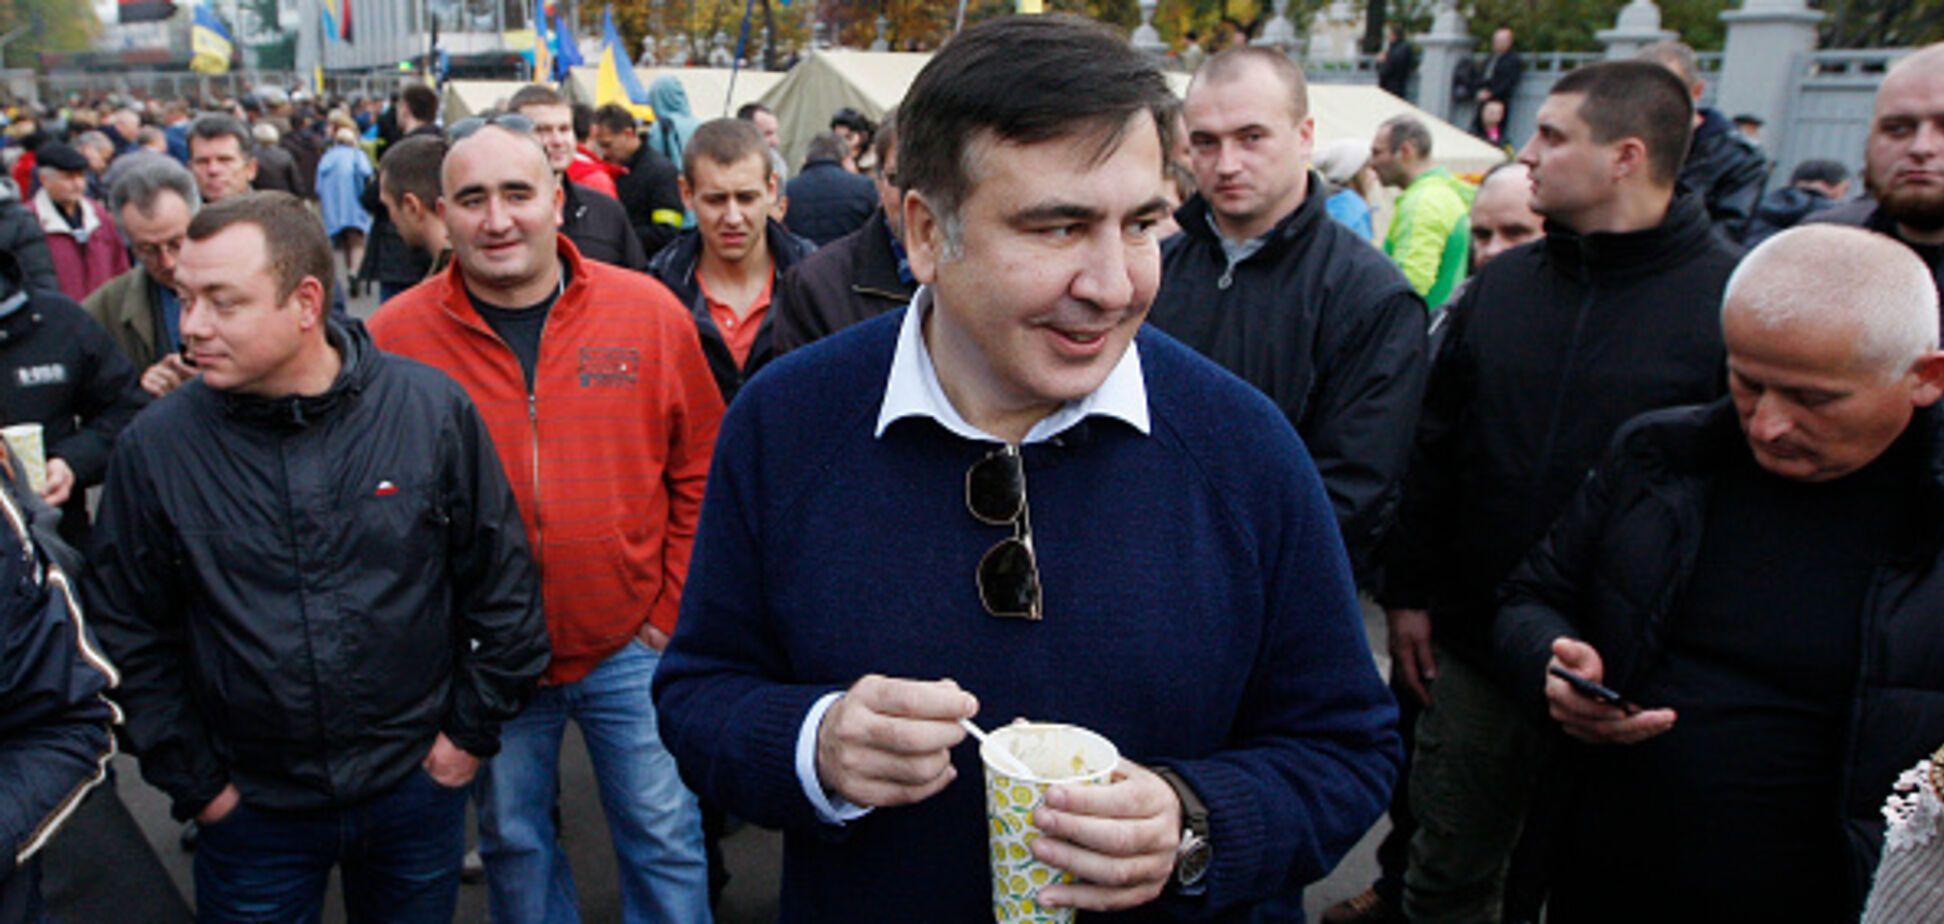 'Сексуальная революция под Радой': в сети поиздевались над 'бедной' акцией Саакашвили